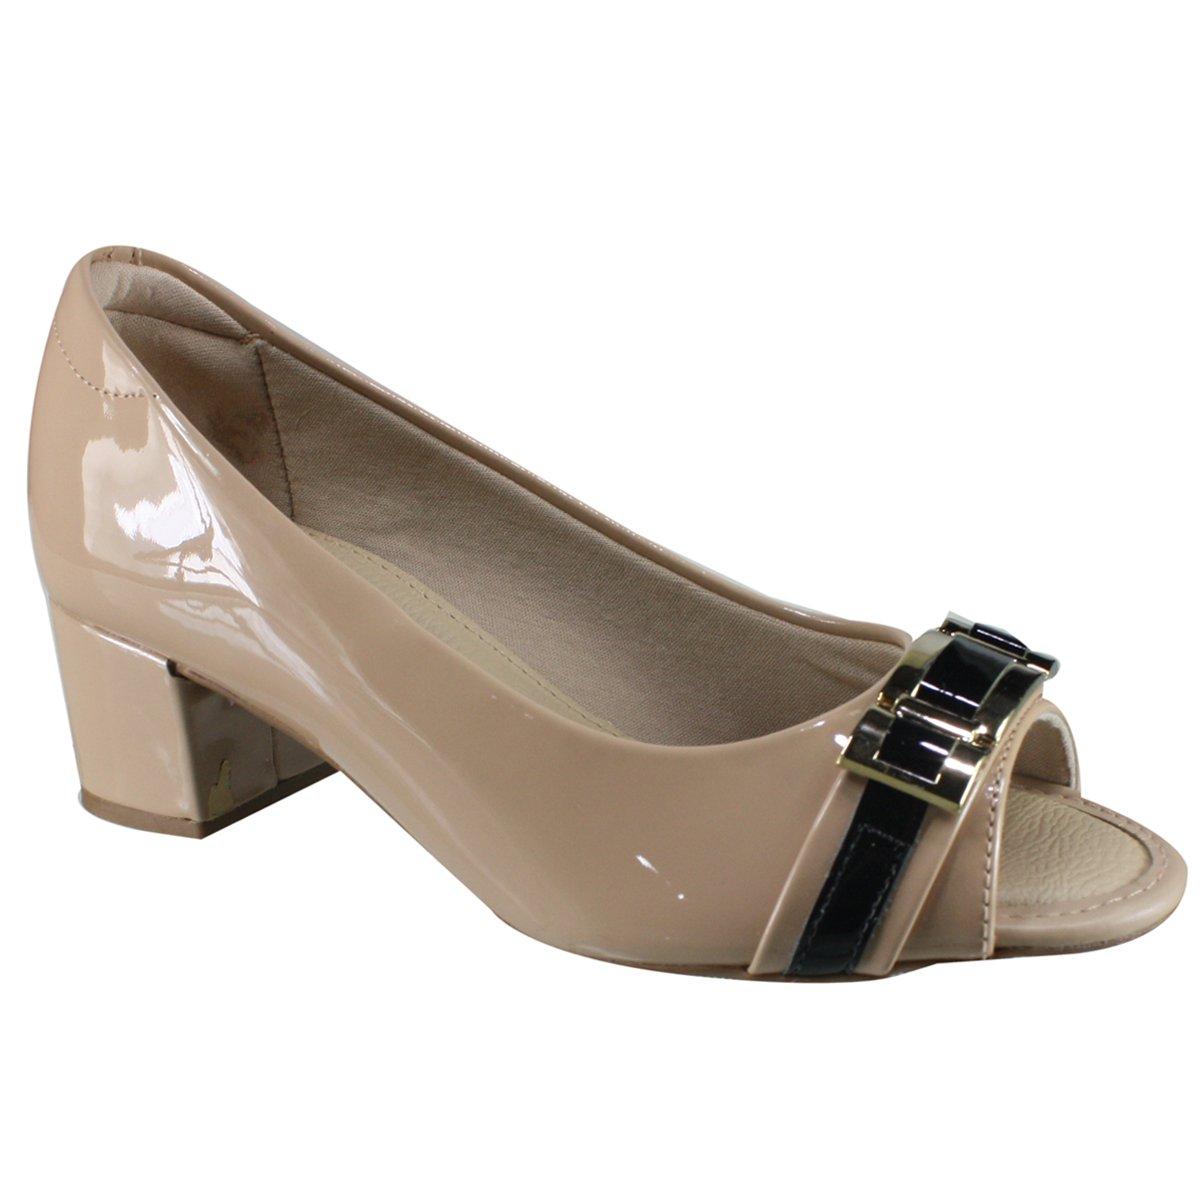 4b9215708 Sapato Feminino Modare Peep Toe 7316.111 13488 32652 - Bege/Preto ...